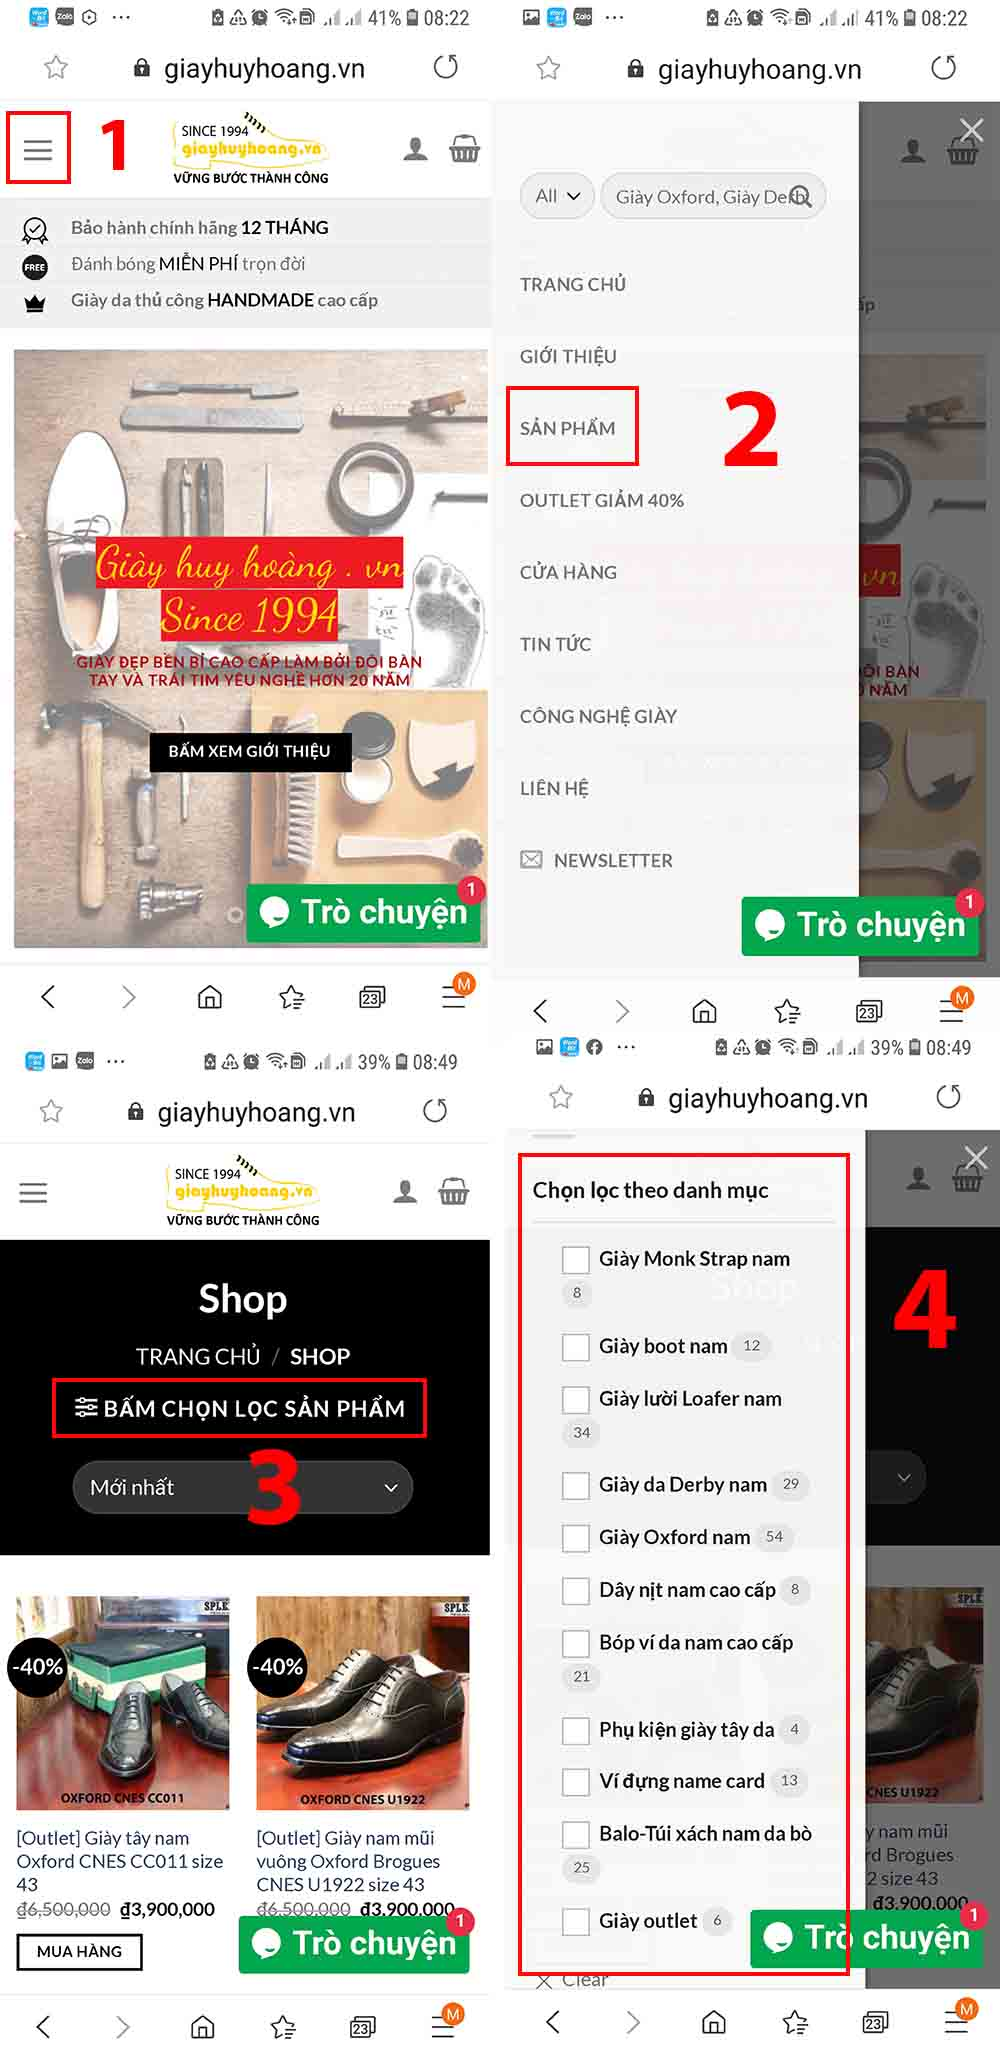 Truy cập danh mục sản phẩm trên điện thoại giayhuyhoangvn